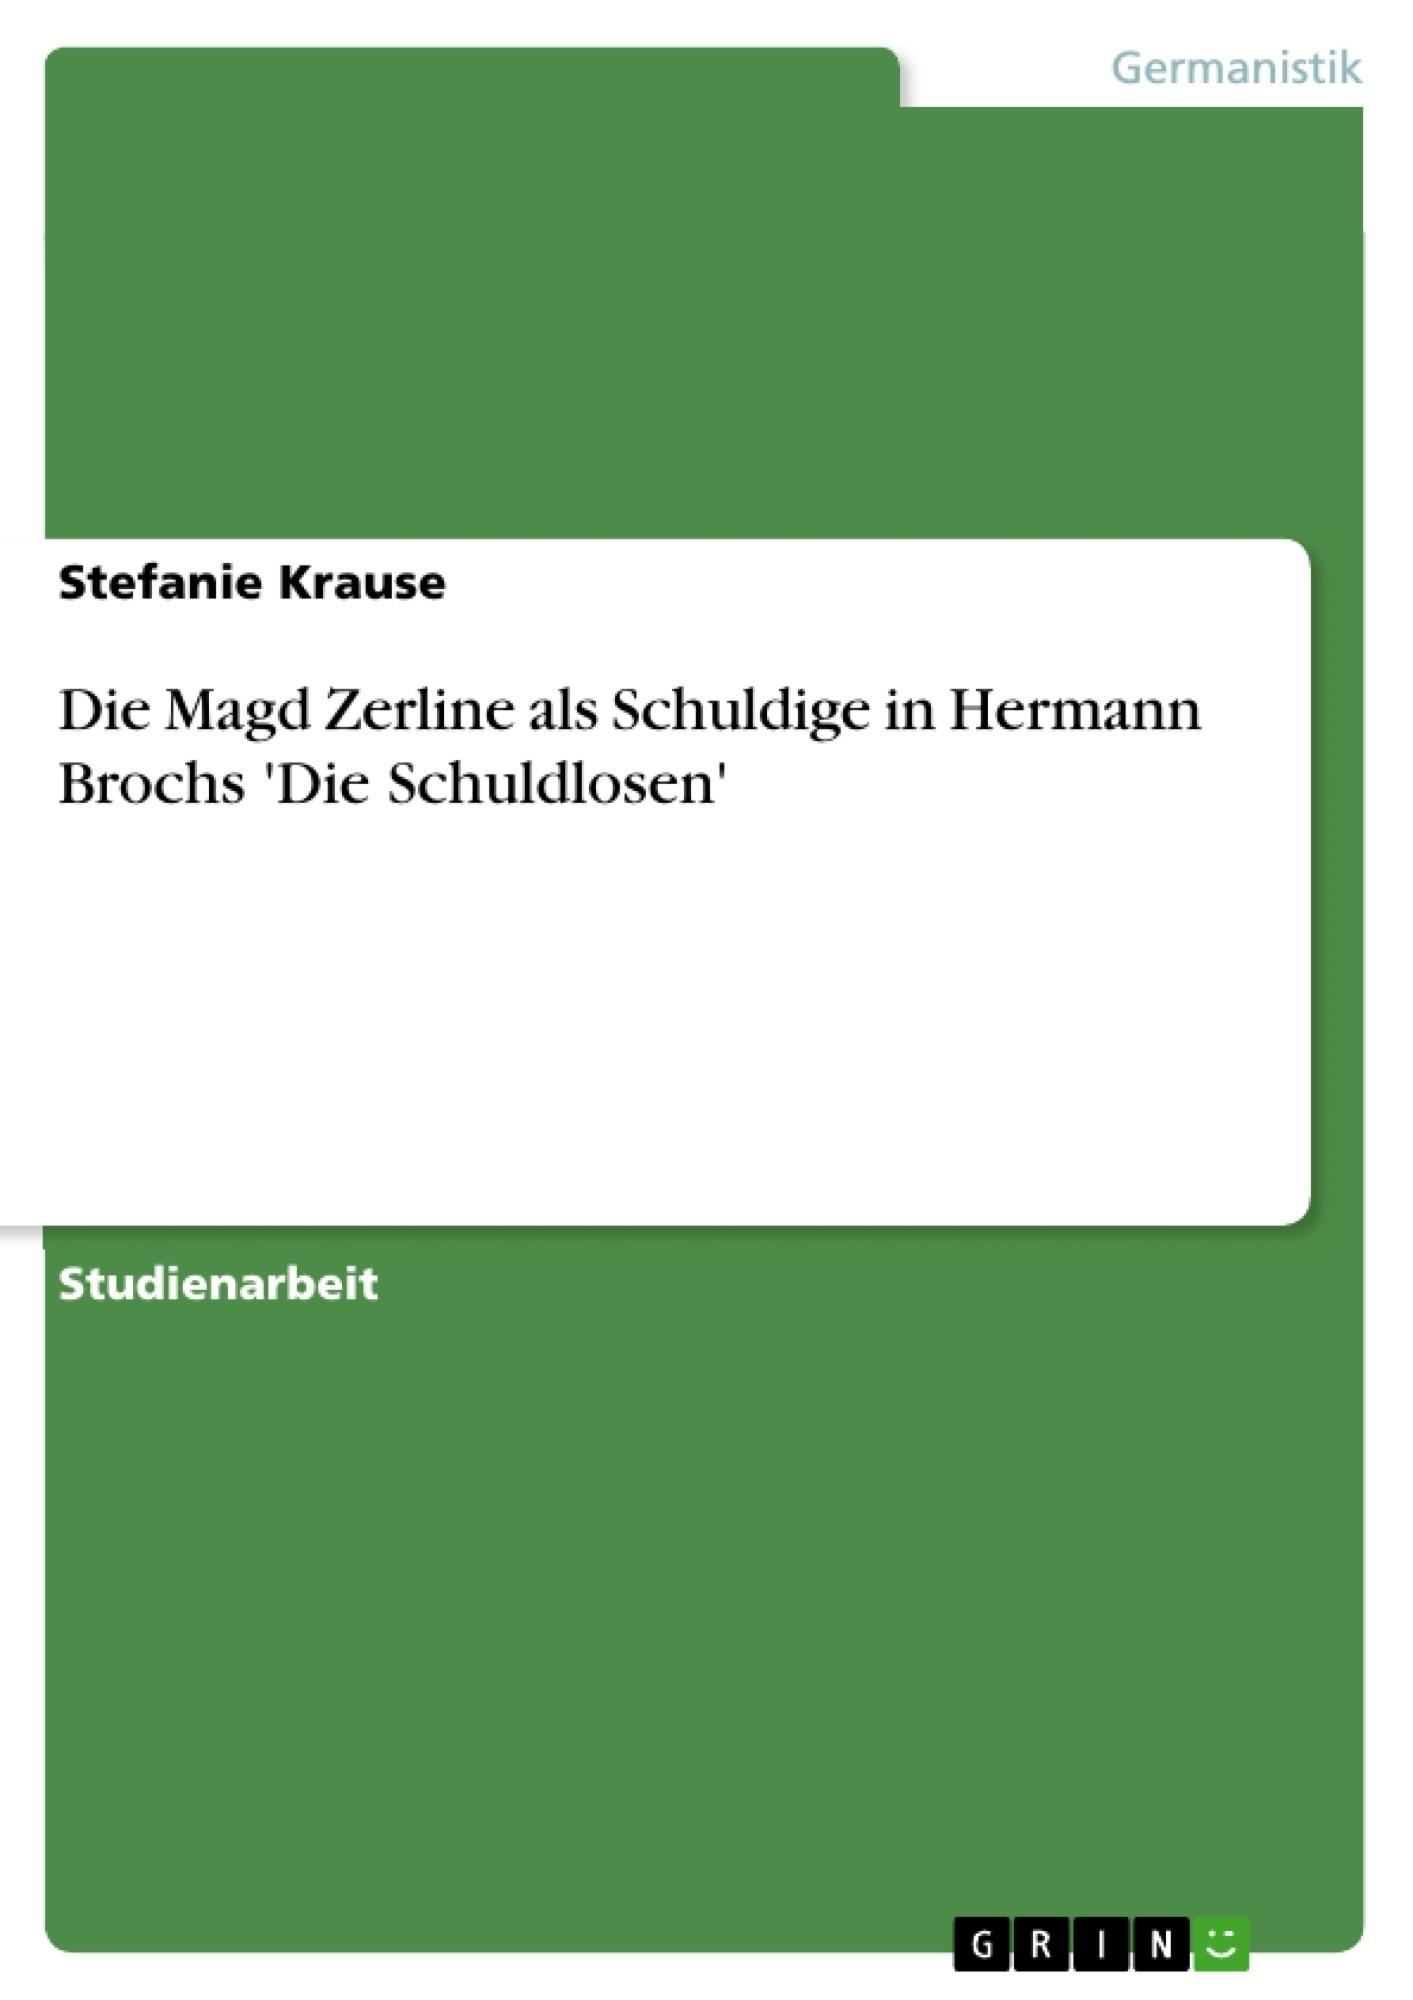 Titel: Die Magd Zerline als Schuldige in Hermann Brochs 'Die Schuldlosen'